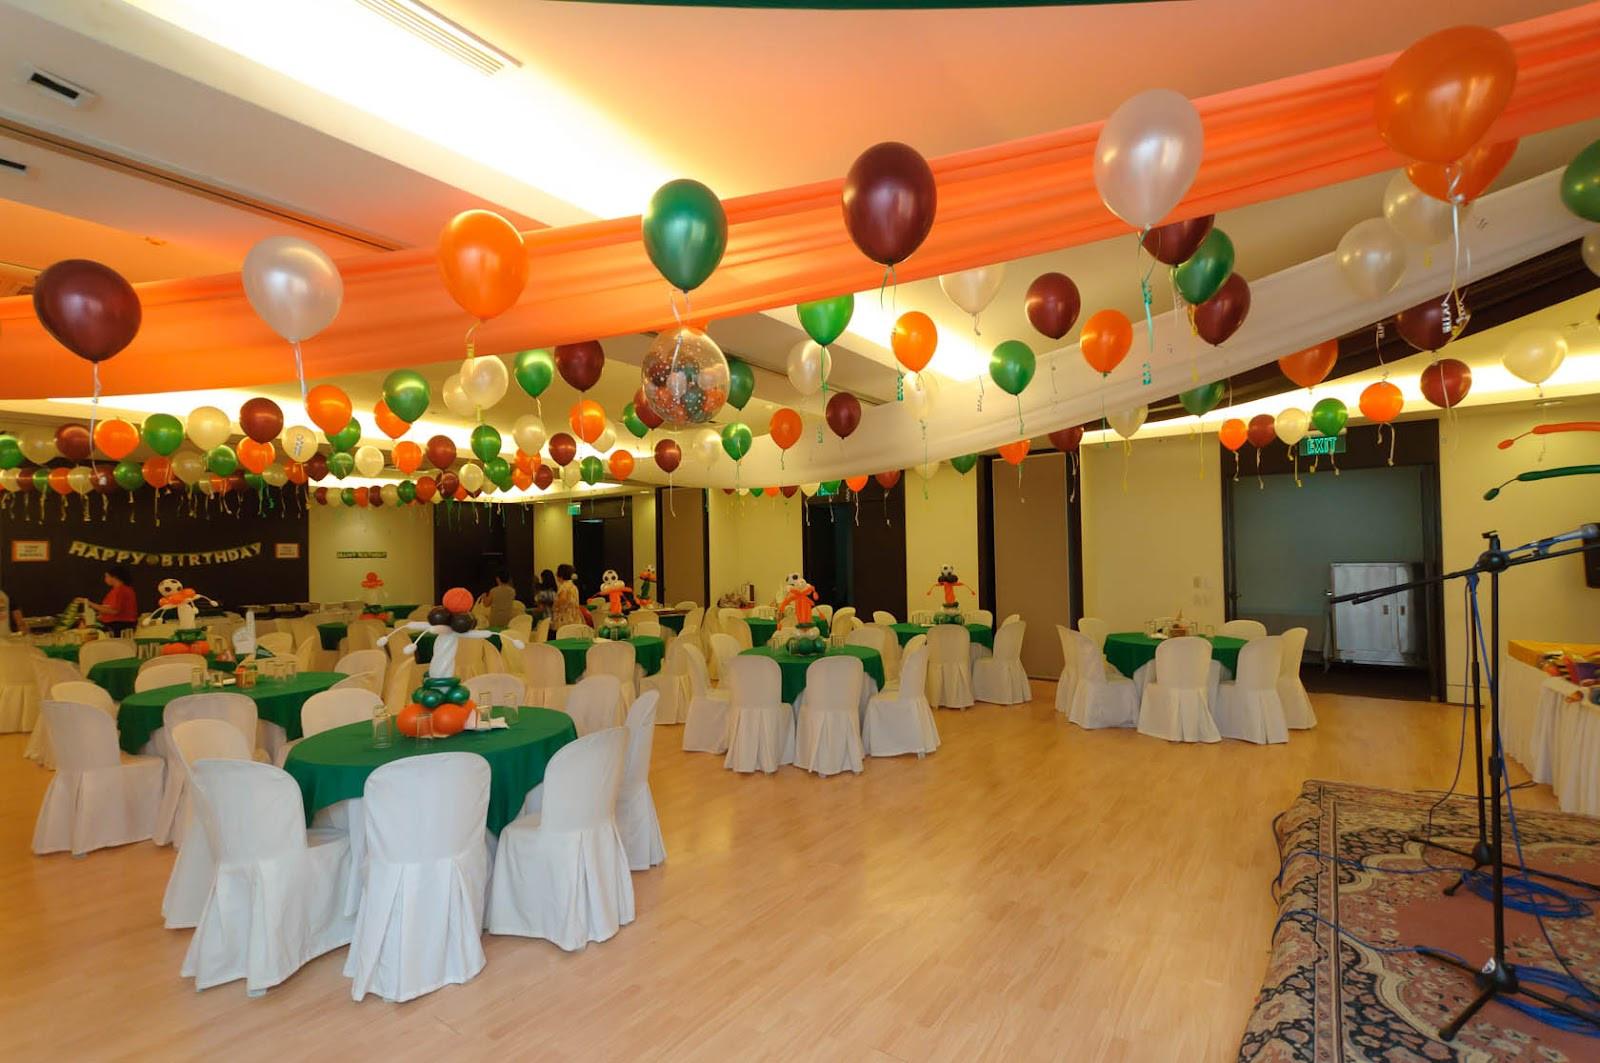 Birthday Party Halls For Rent  MrsMommyHolic Sabe's All Star 1st birthday party